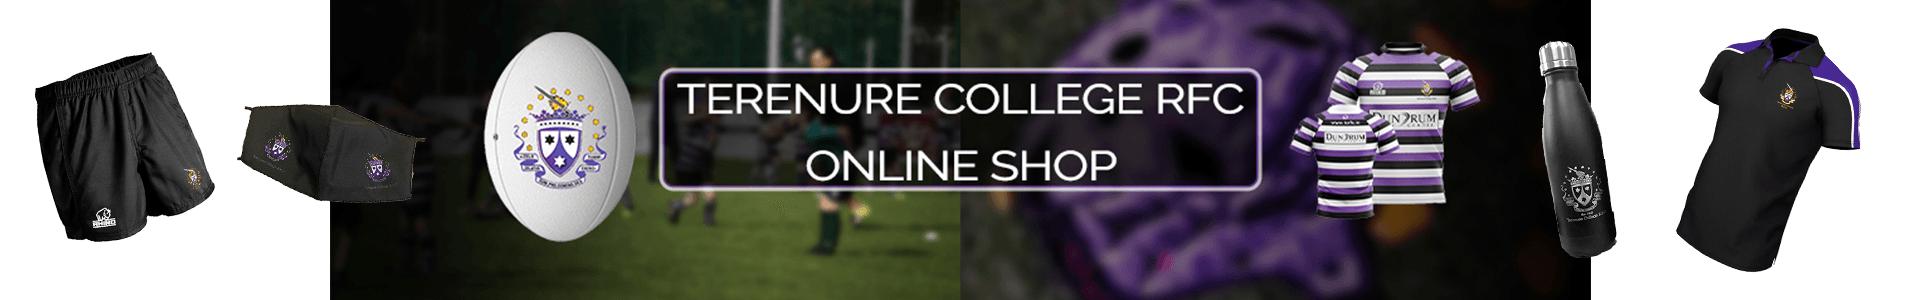 Terenure College Online Shop